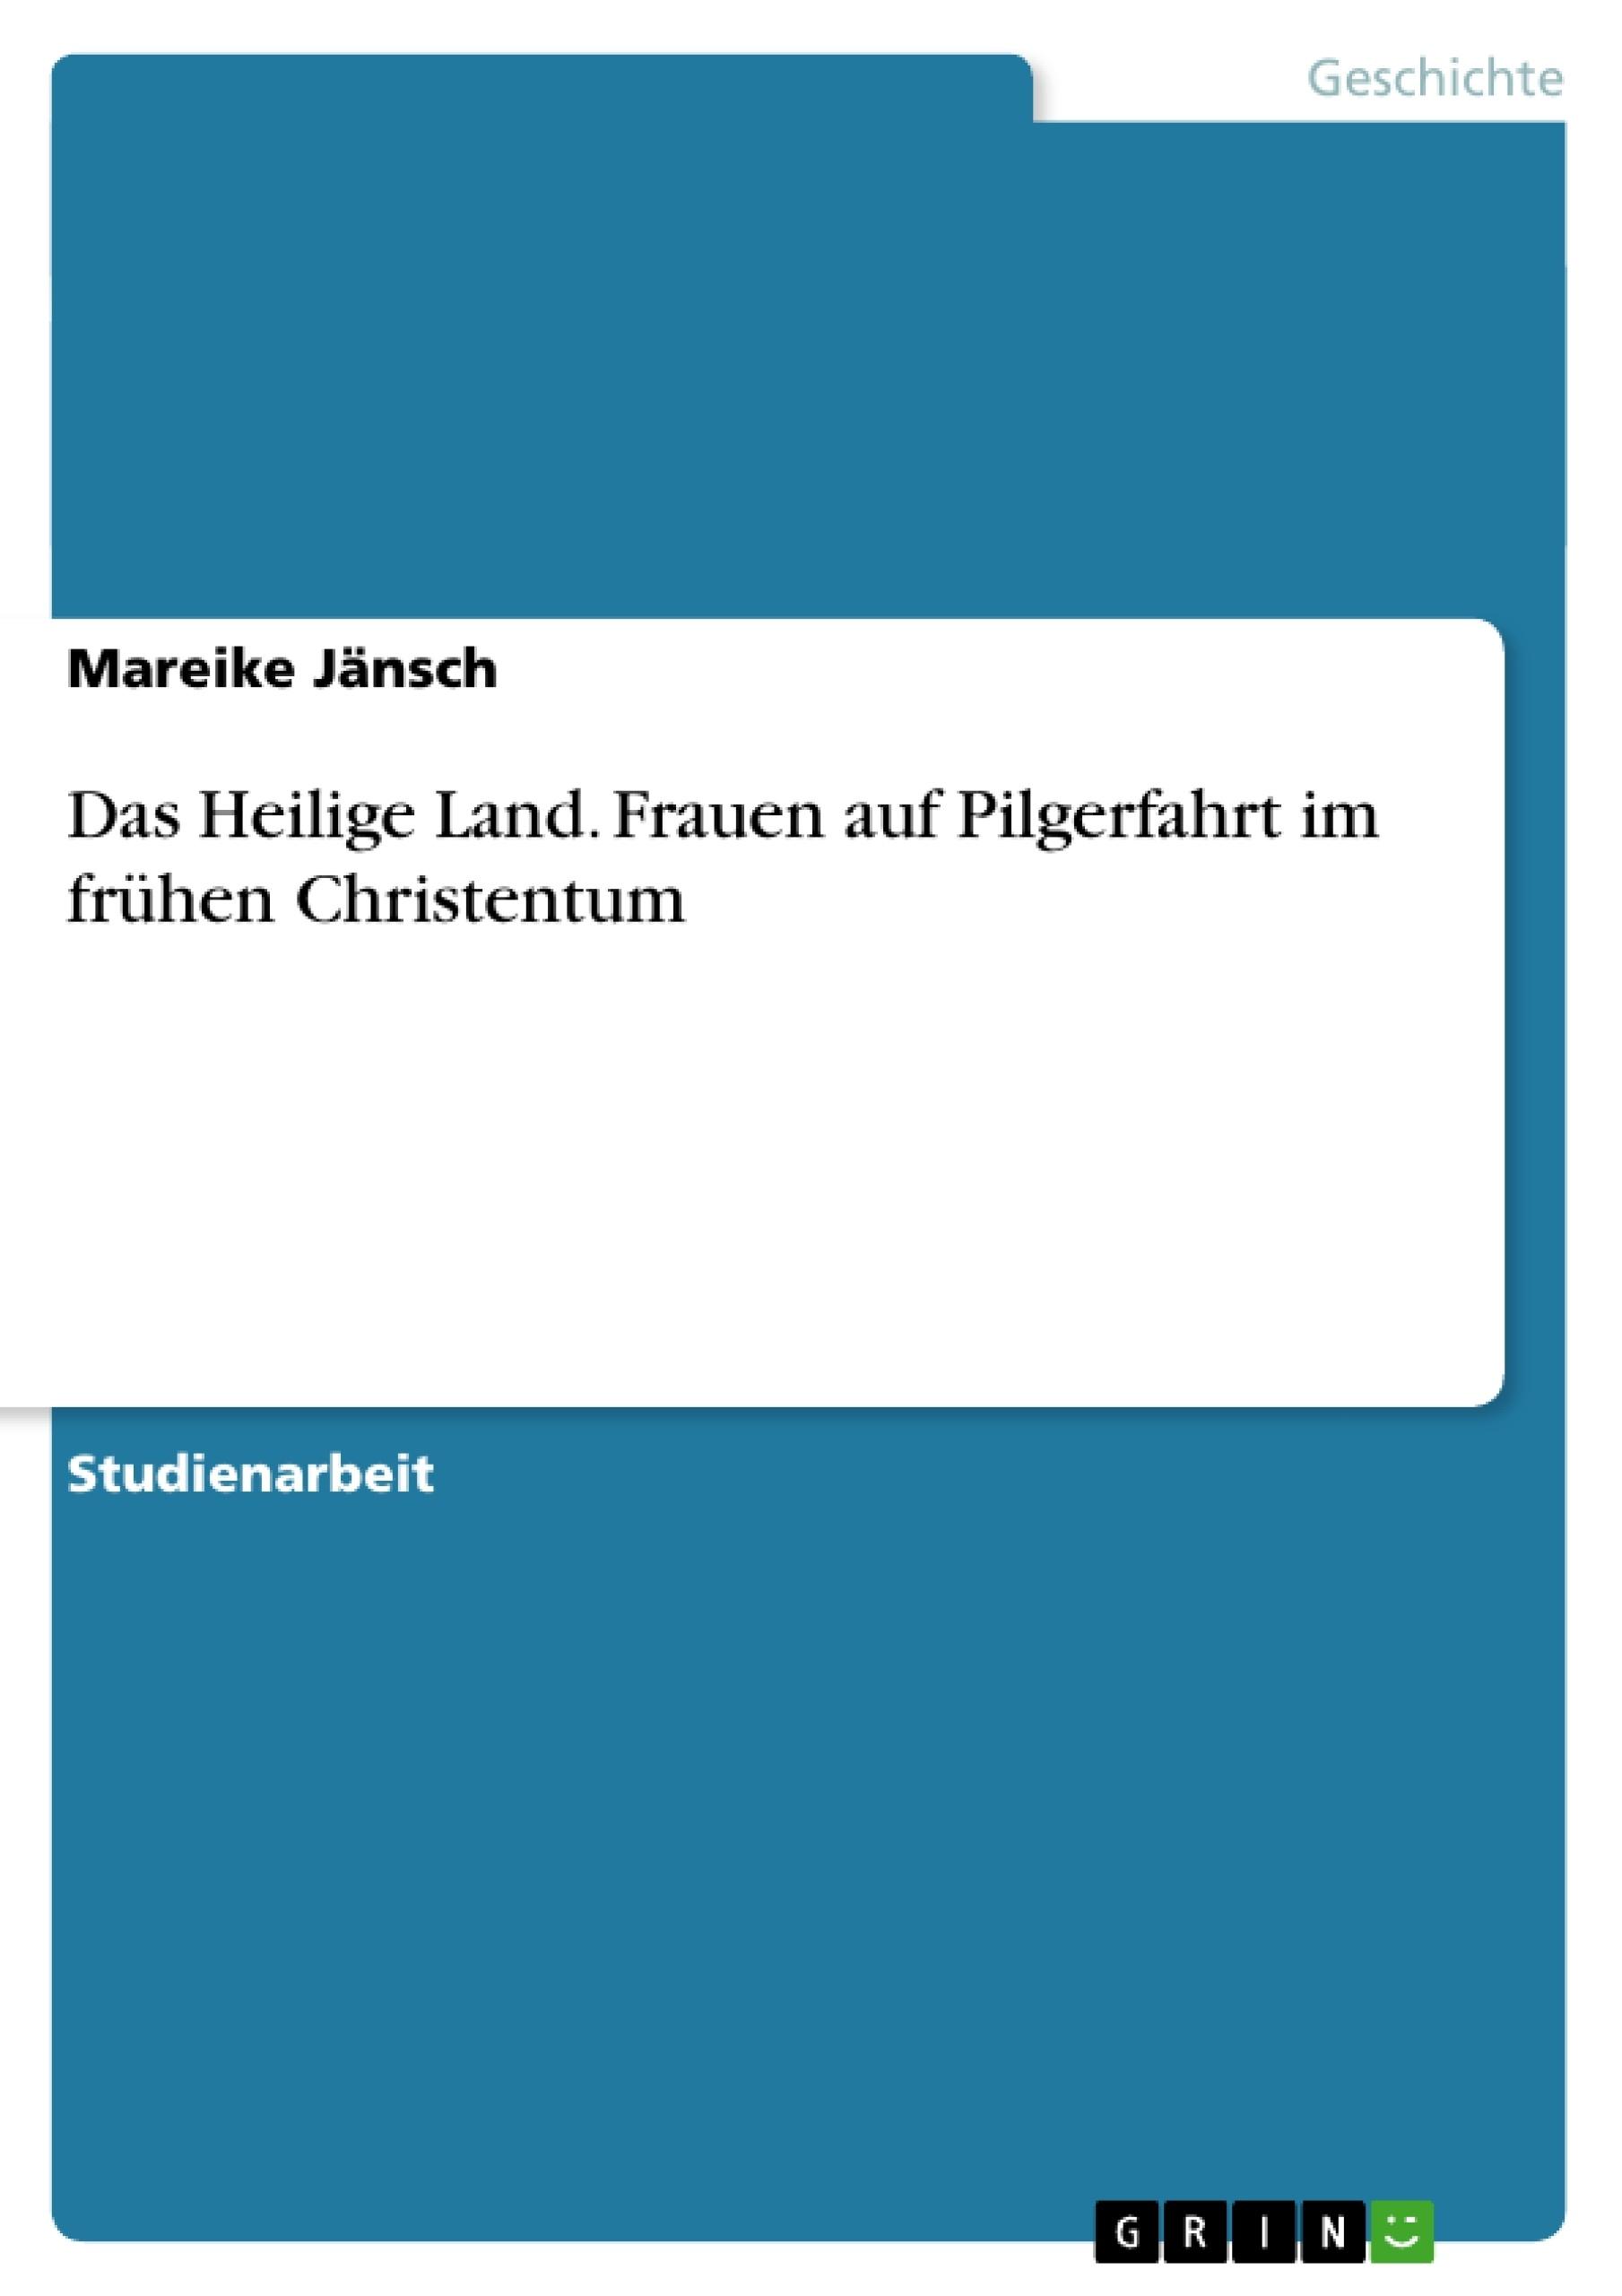 Titel: Das Heilige Land. Frauen auf Pilgerfahrt im frühen Christentum